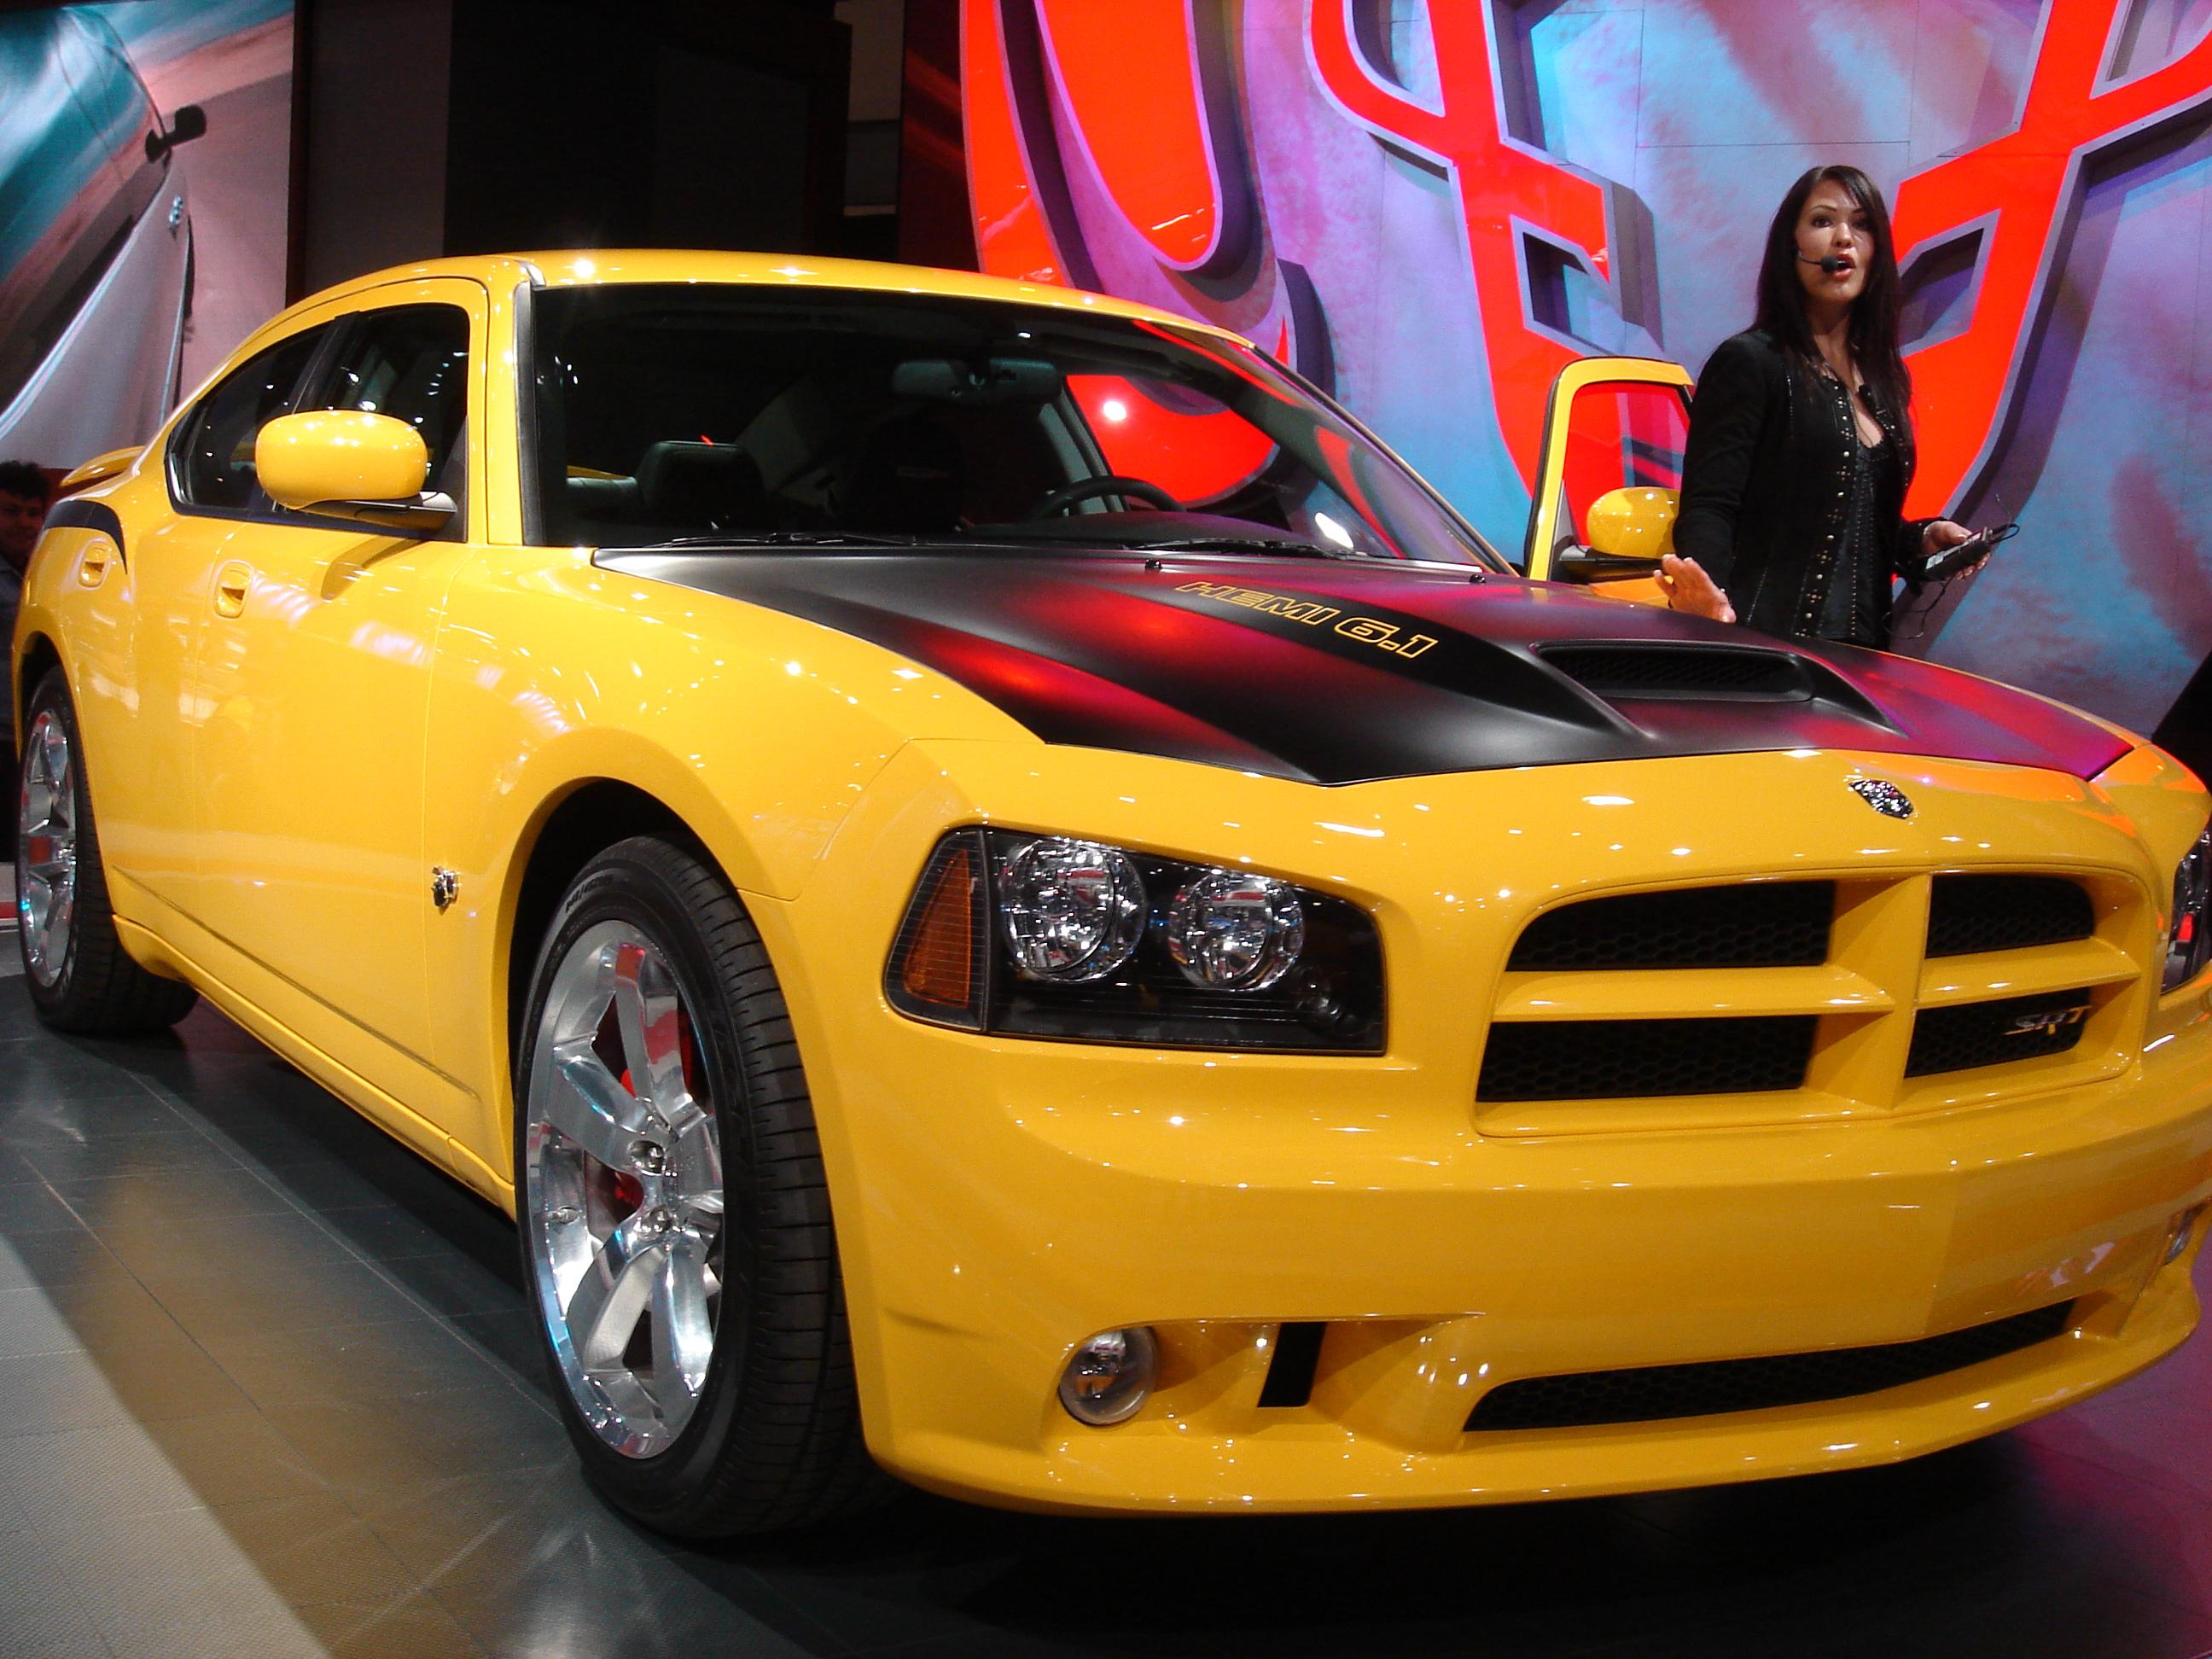 File:Dodge Charger SRT 8